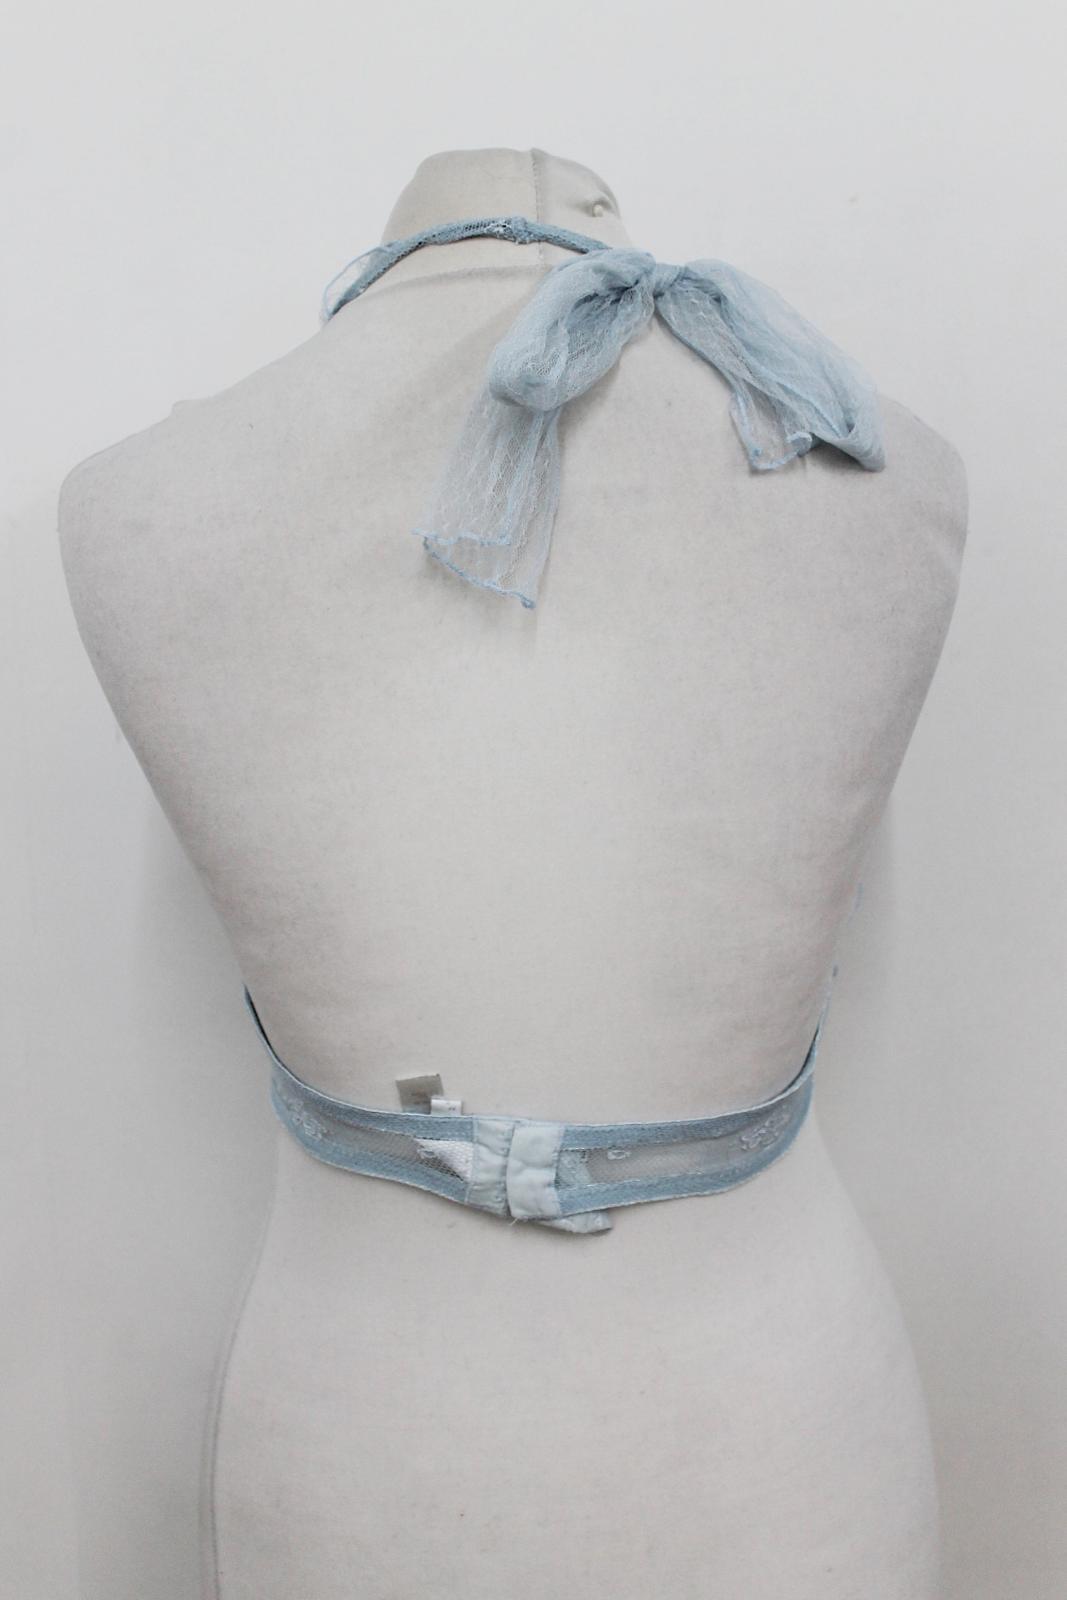 LA-PERLA-Ladies-Light-Blue-Lace-Halterneck-Unwired-Delicate-Bra-Size-UK34 thumbnail 4